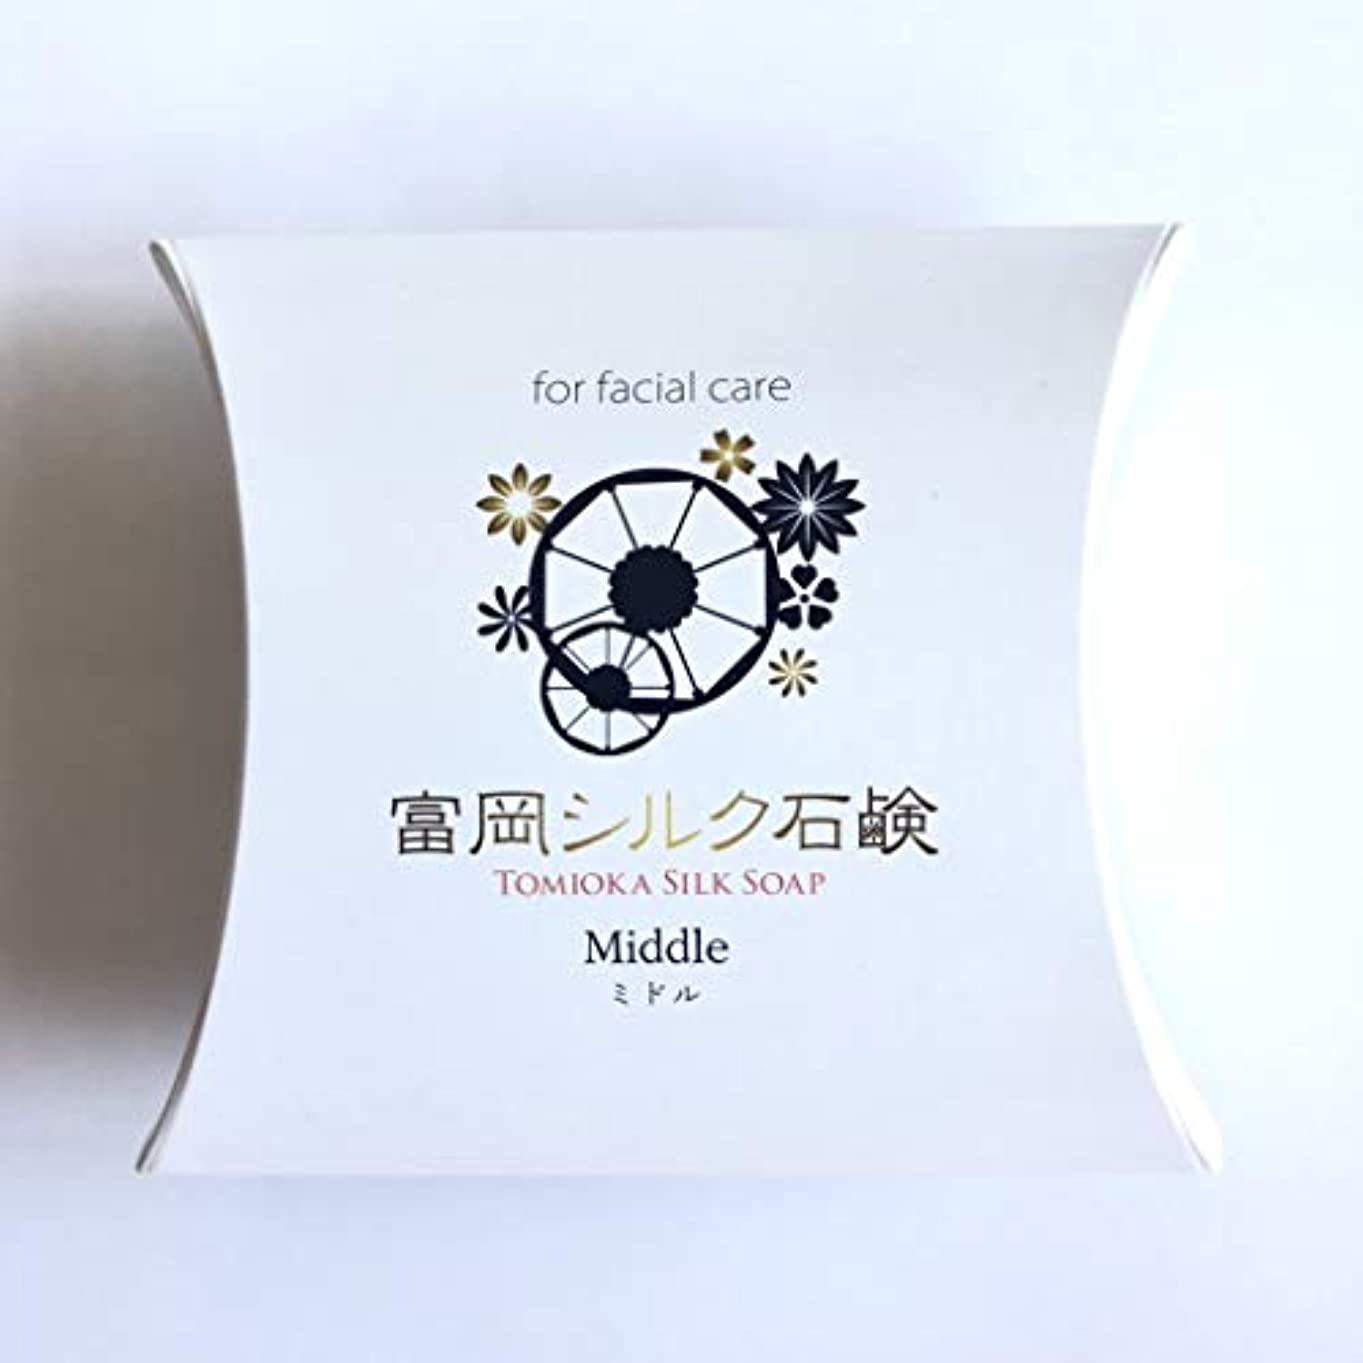 ベルベットカップルブラスト絹工房 富岡シルク石鹸 ミドルサイズ(40g)